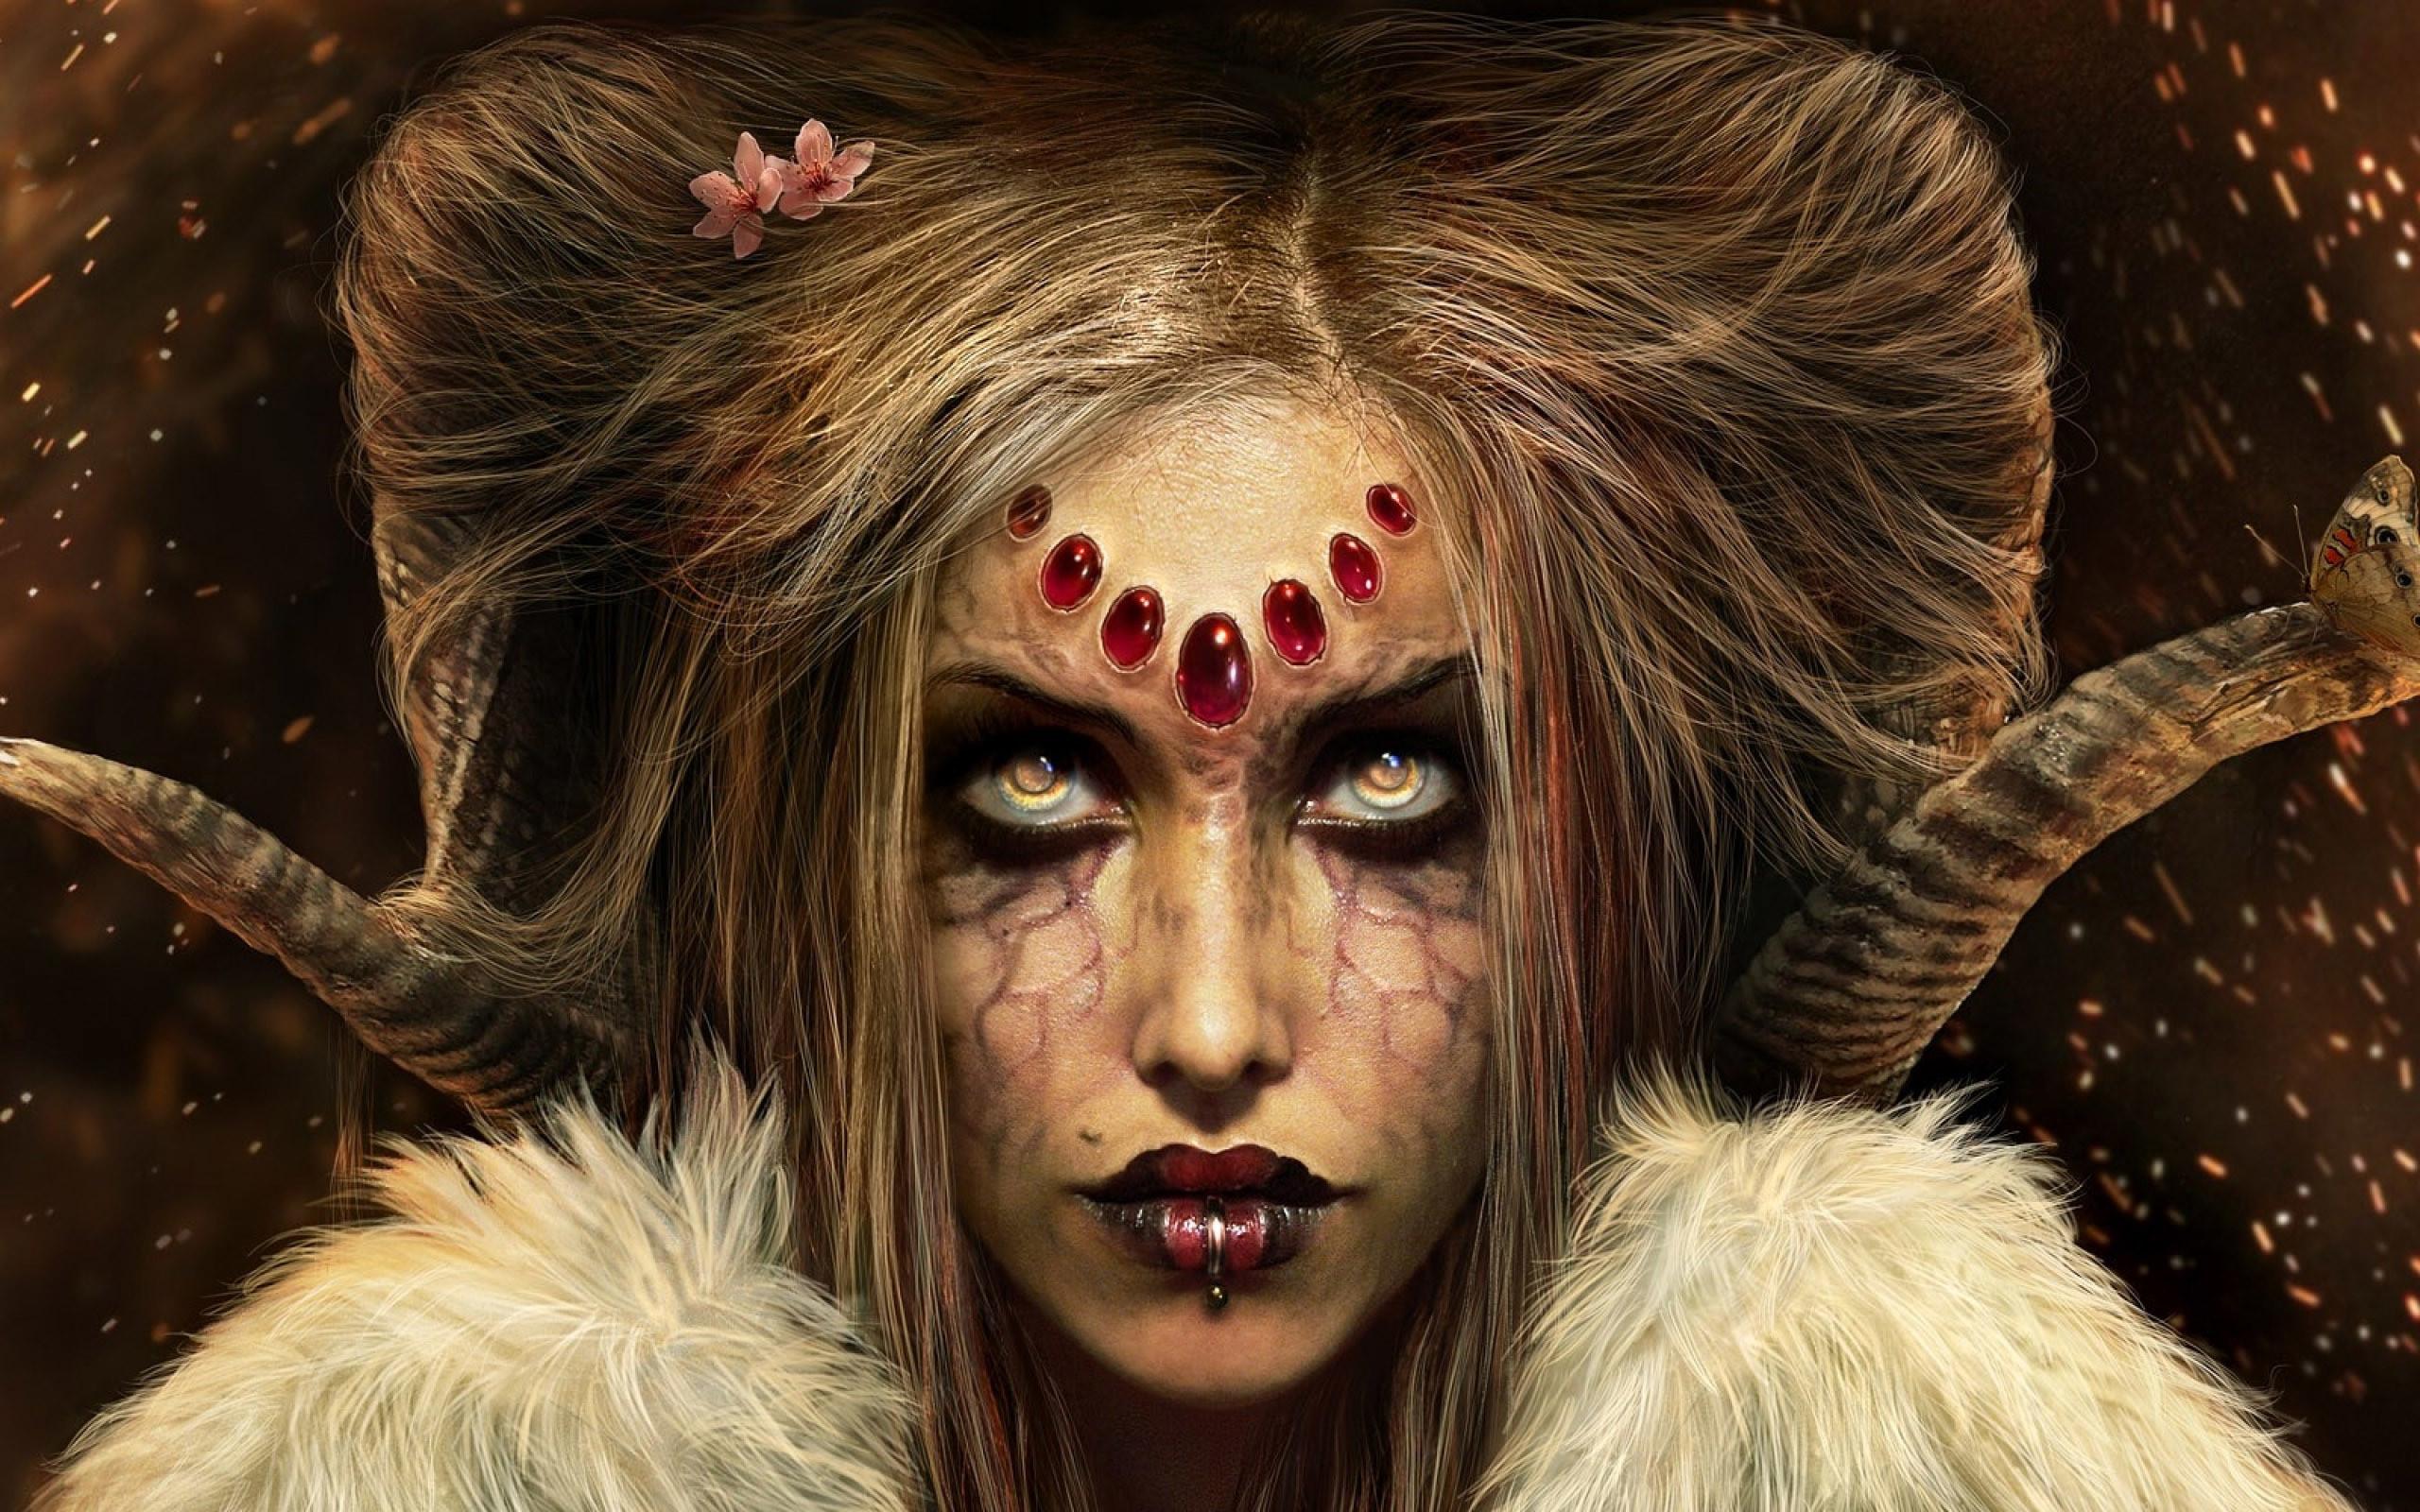 … Female demon HD Wallpaper 2560×1600